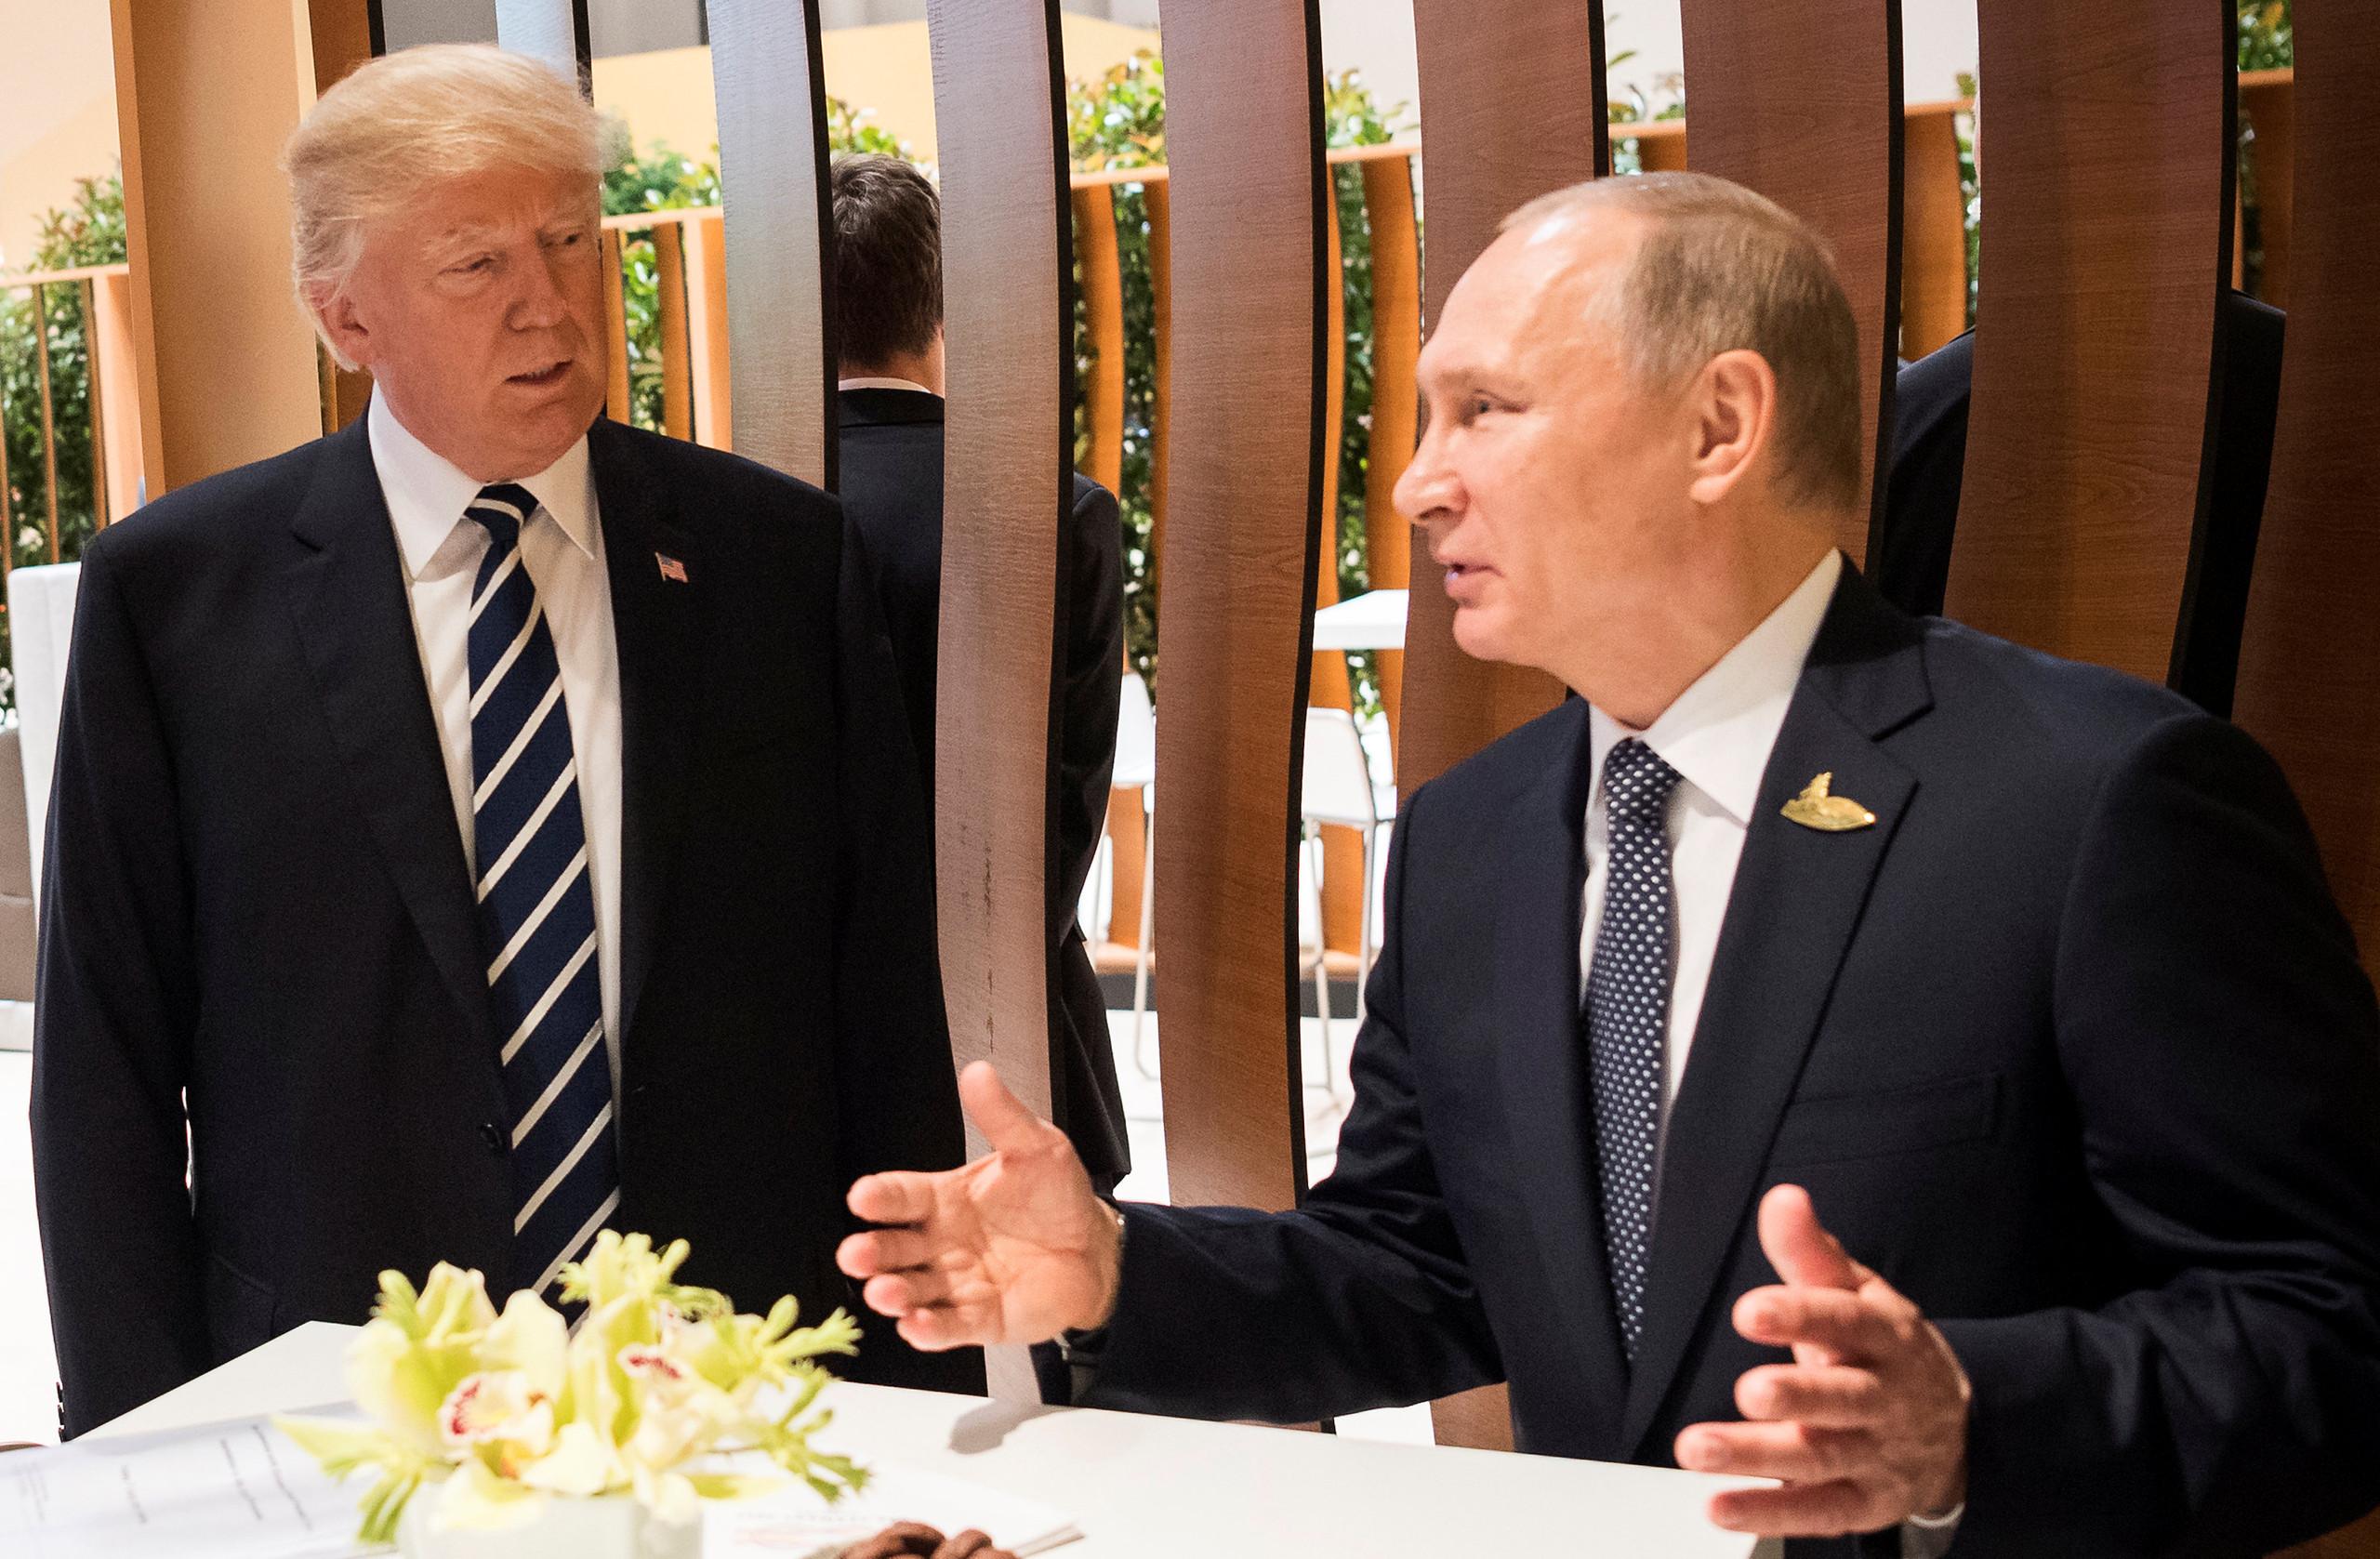 قمة مرتقبة بين بوتين وترمب، والملف السوري على رأس الأجندة